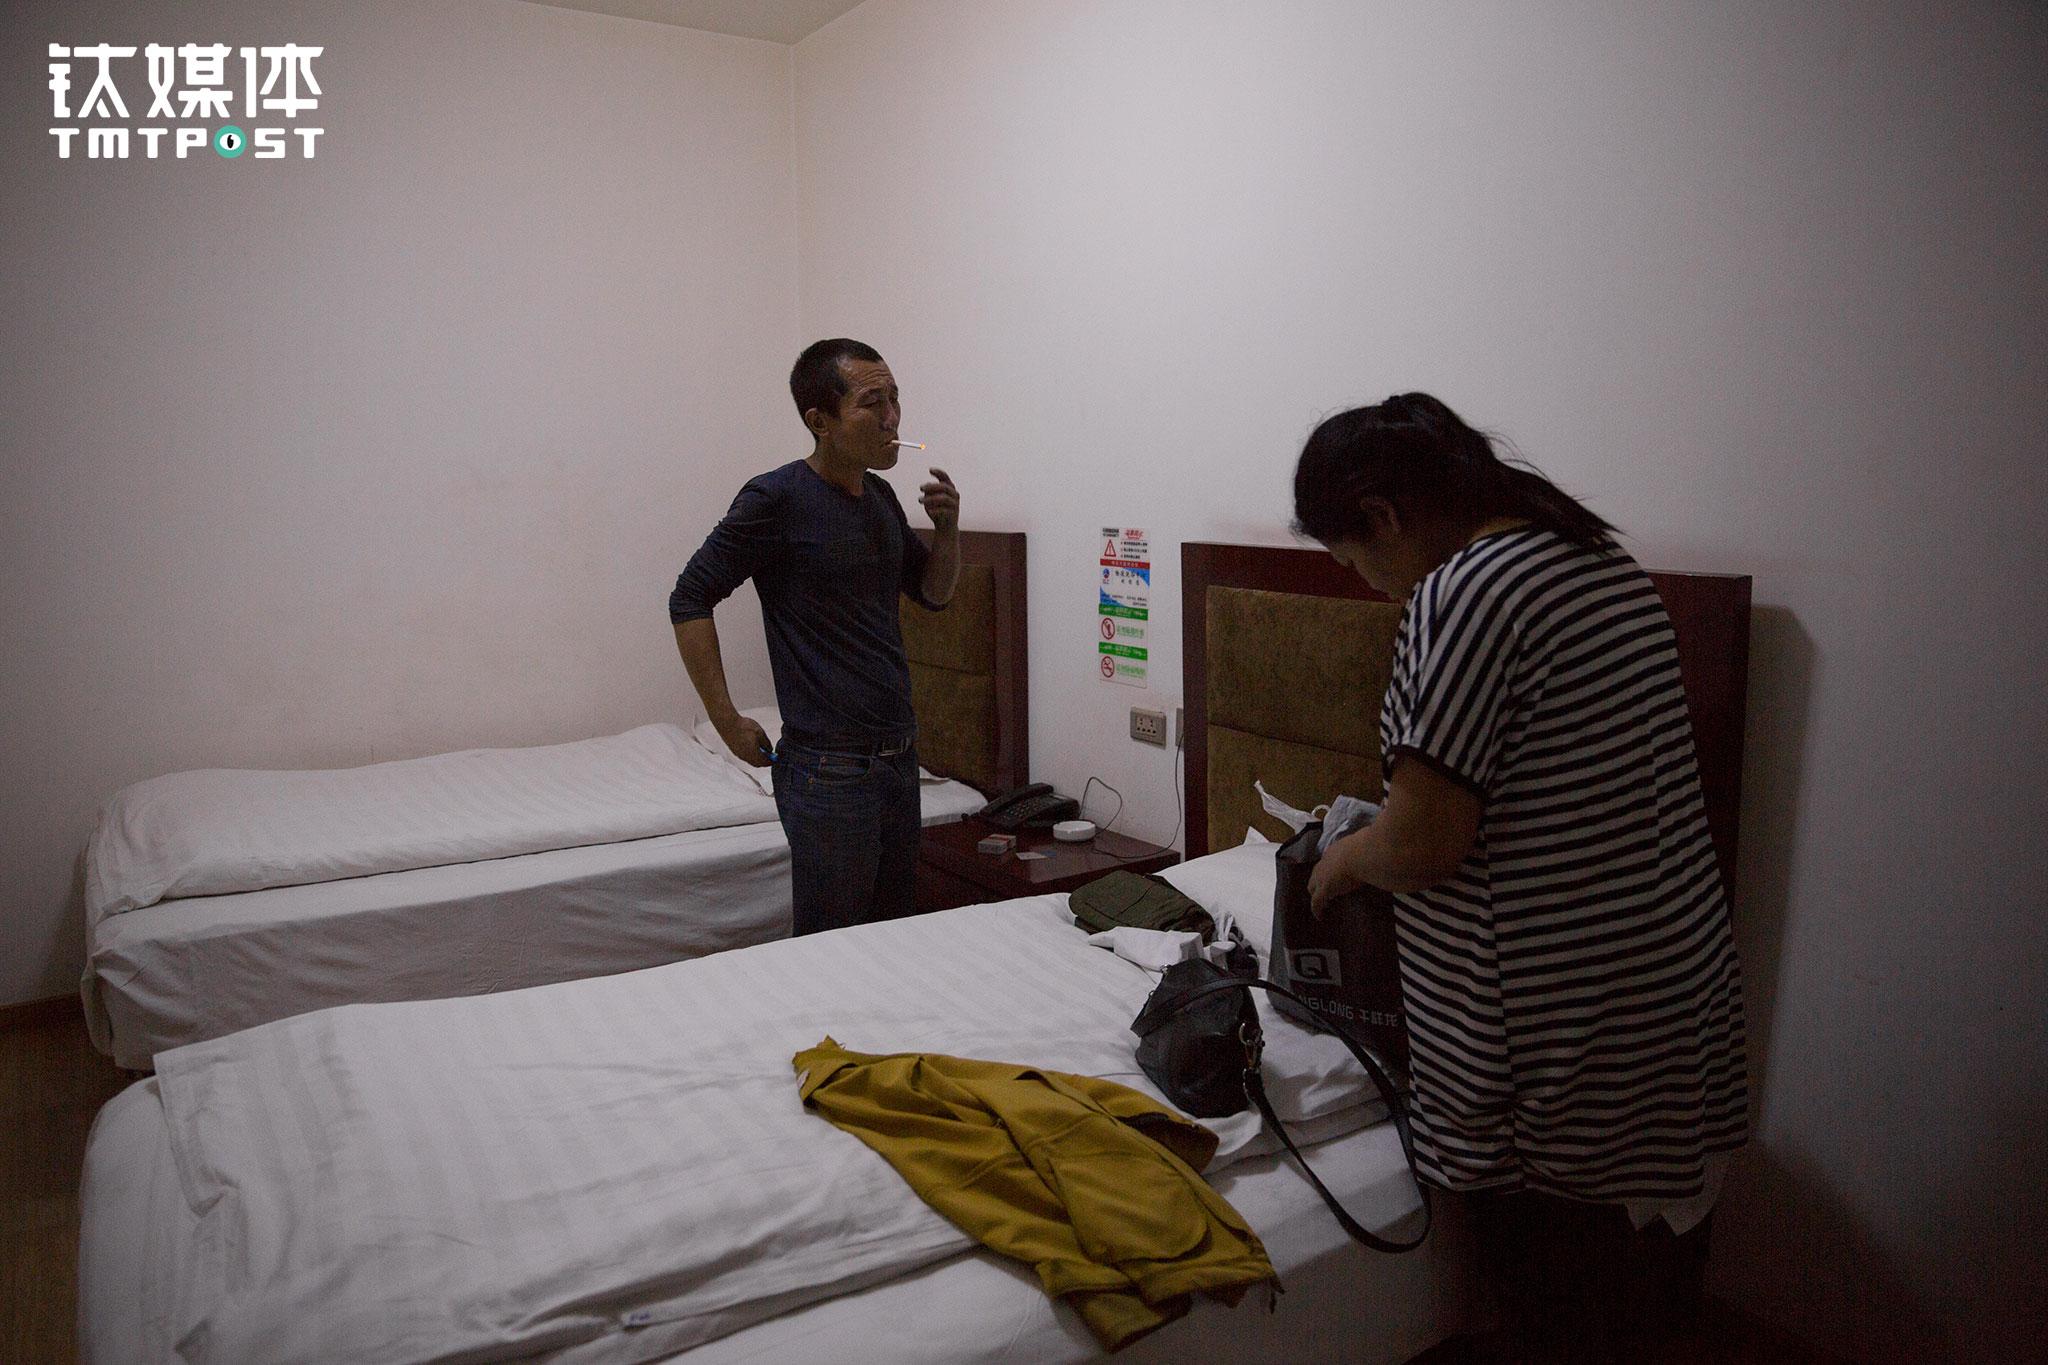 晚上,他们入住了物流园物流大厦的宾馆,这个只有两张床的房间,每晚收费60元,这是他们5天以来睡的第一个安稳觉,也是他们5天来第一次洗澡、收拾自己。